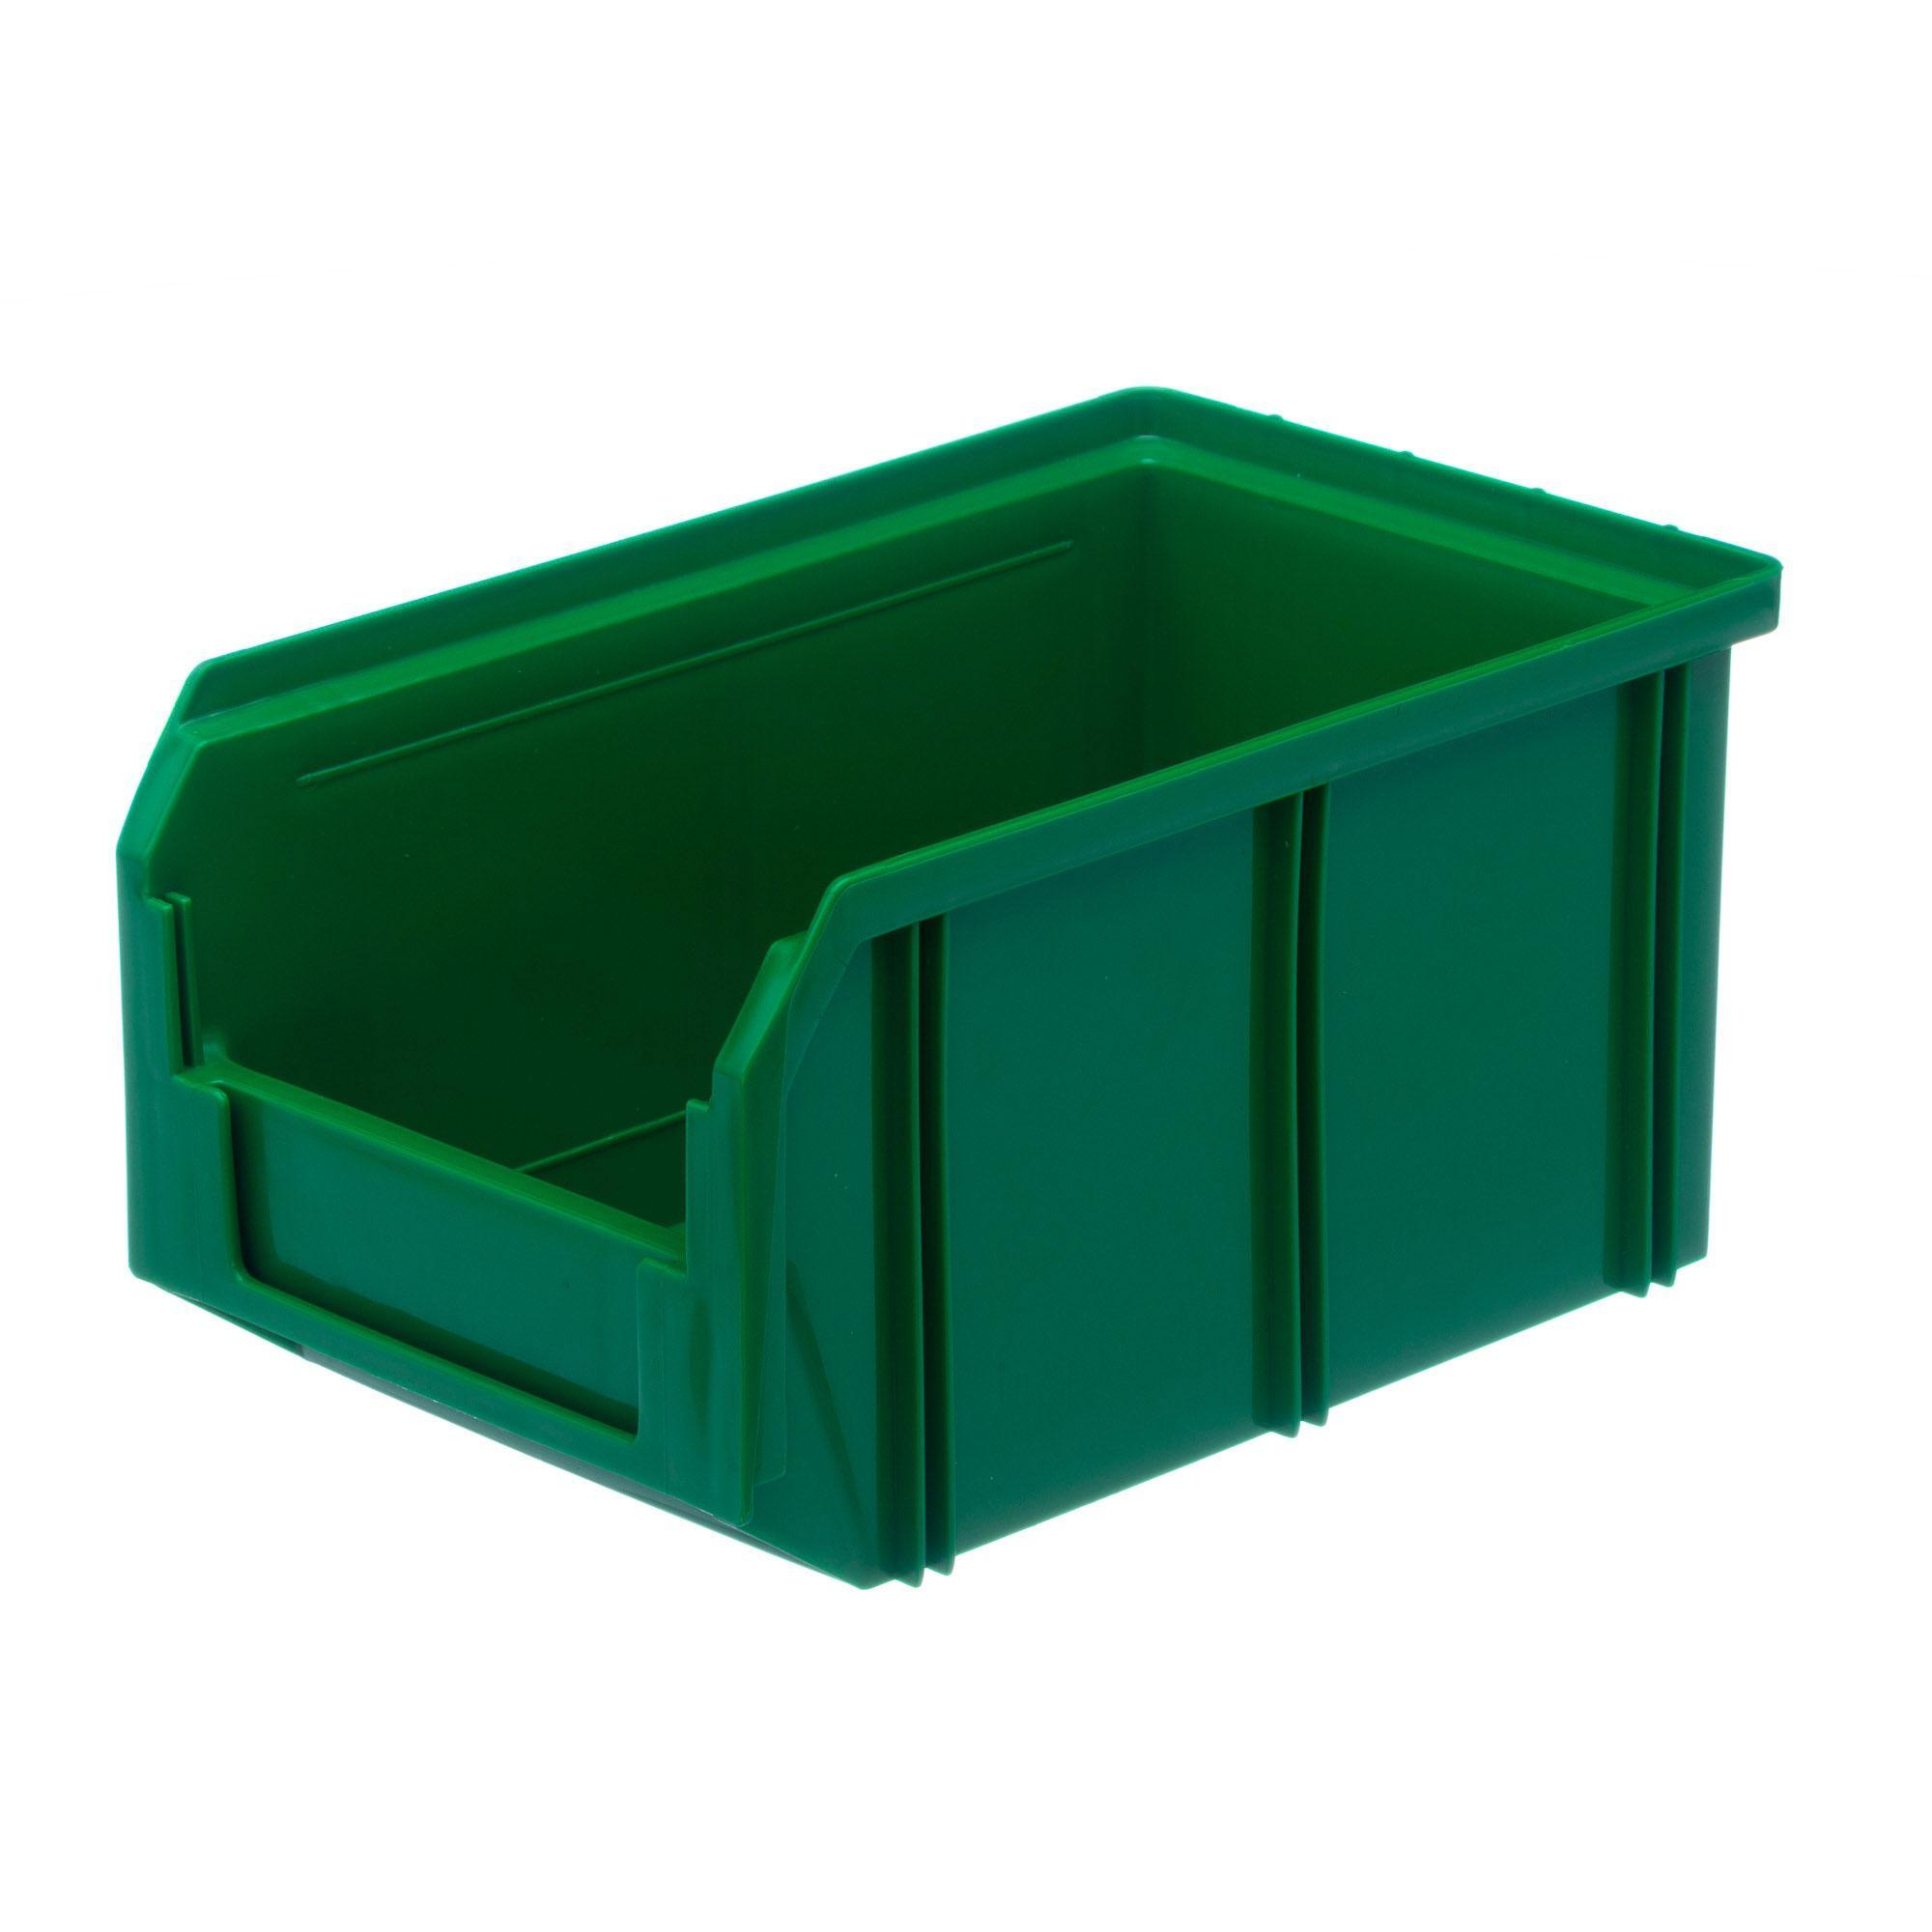 Ящик СТЕЛЛА V-2 зеленый от 220 Вольт